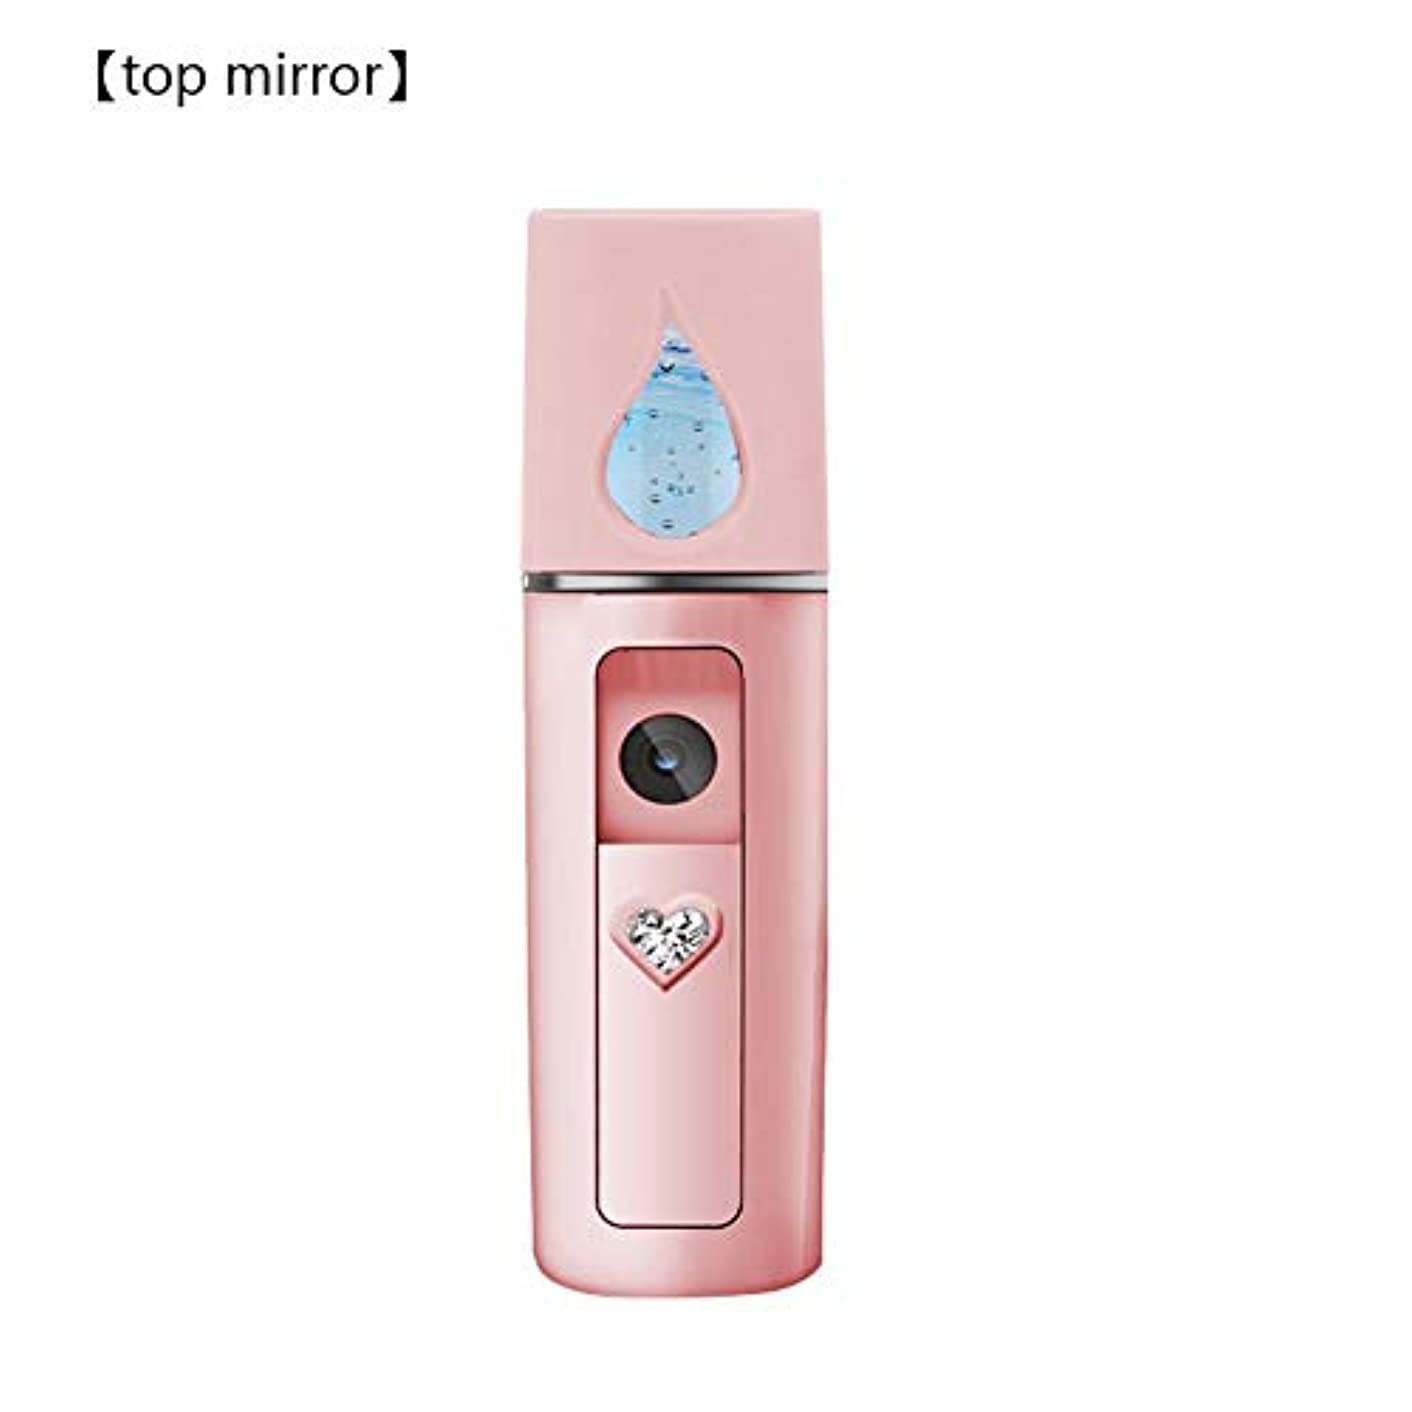 冷たい保湿スプレー、美しいフェイシャルスプレーメイクアップミラー。 USB充電インターフェイスは、まつげエクステンション用の高度な保湿フェイシャルスチームです (Color : Pink-B)